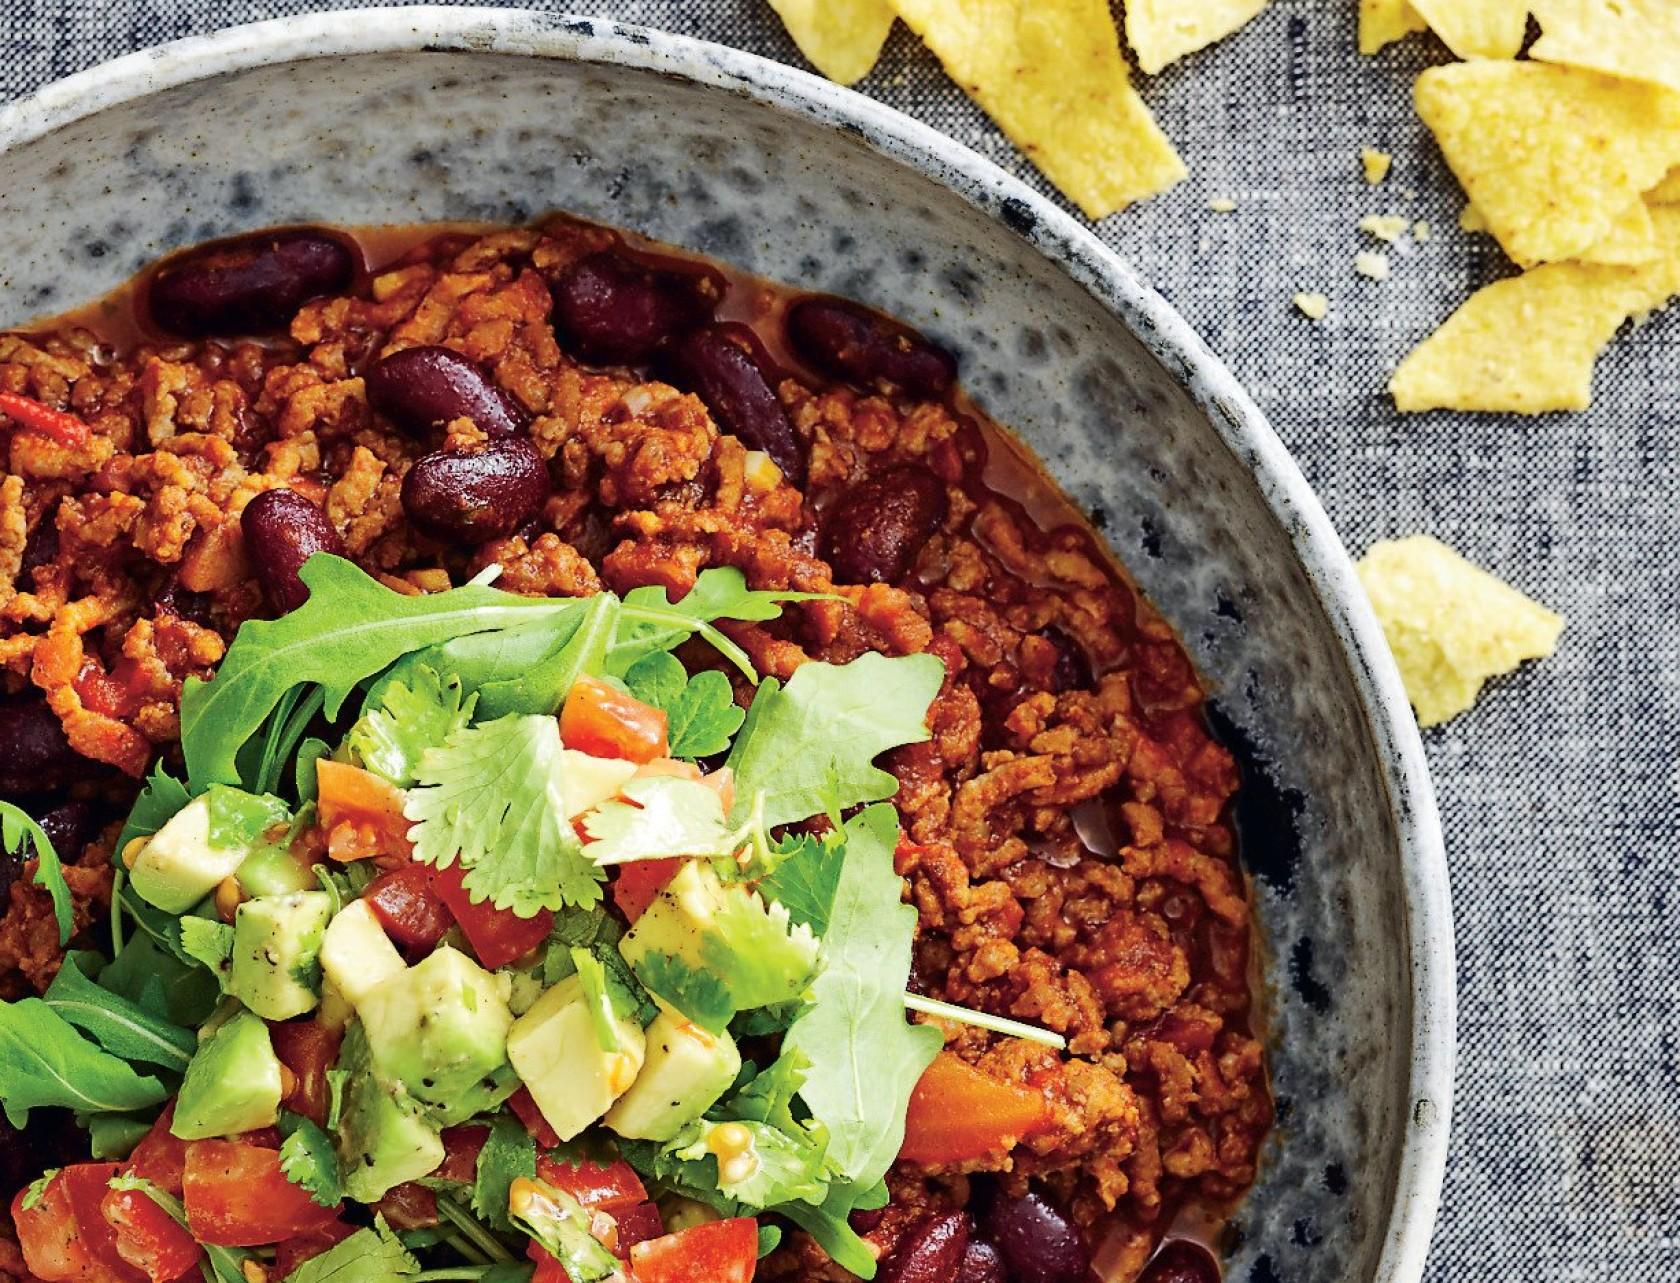 Chili con carne med kalvekød og avocadotopping - virkelig lækker mexicansk opskrift